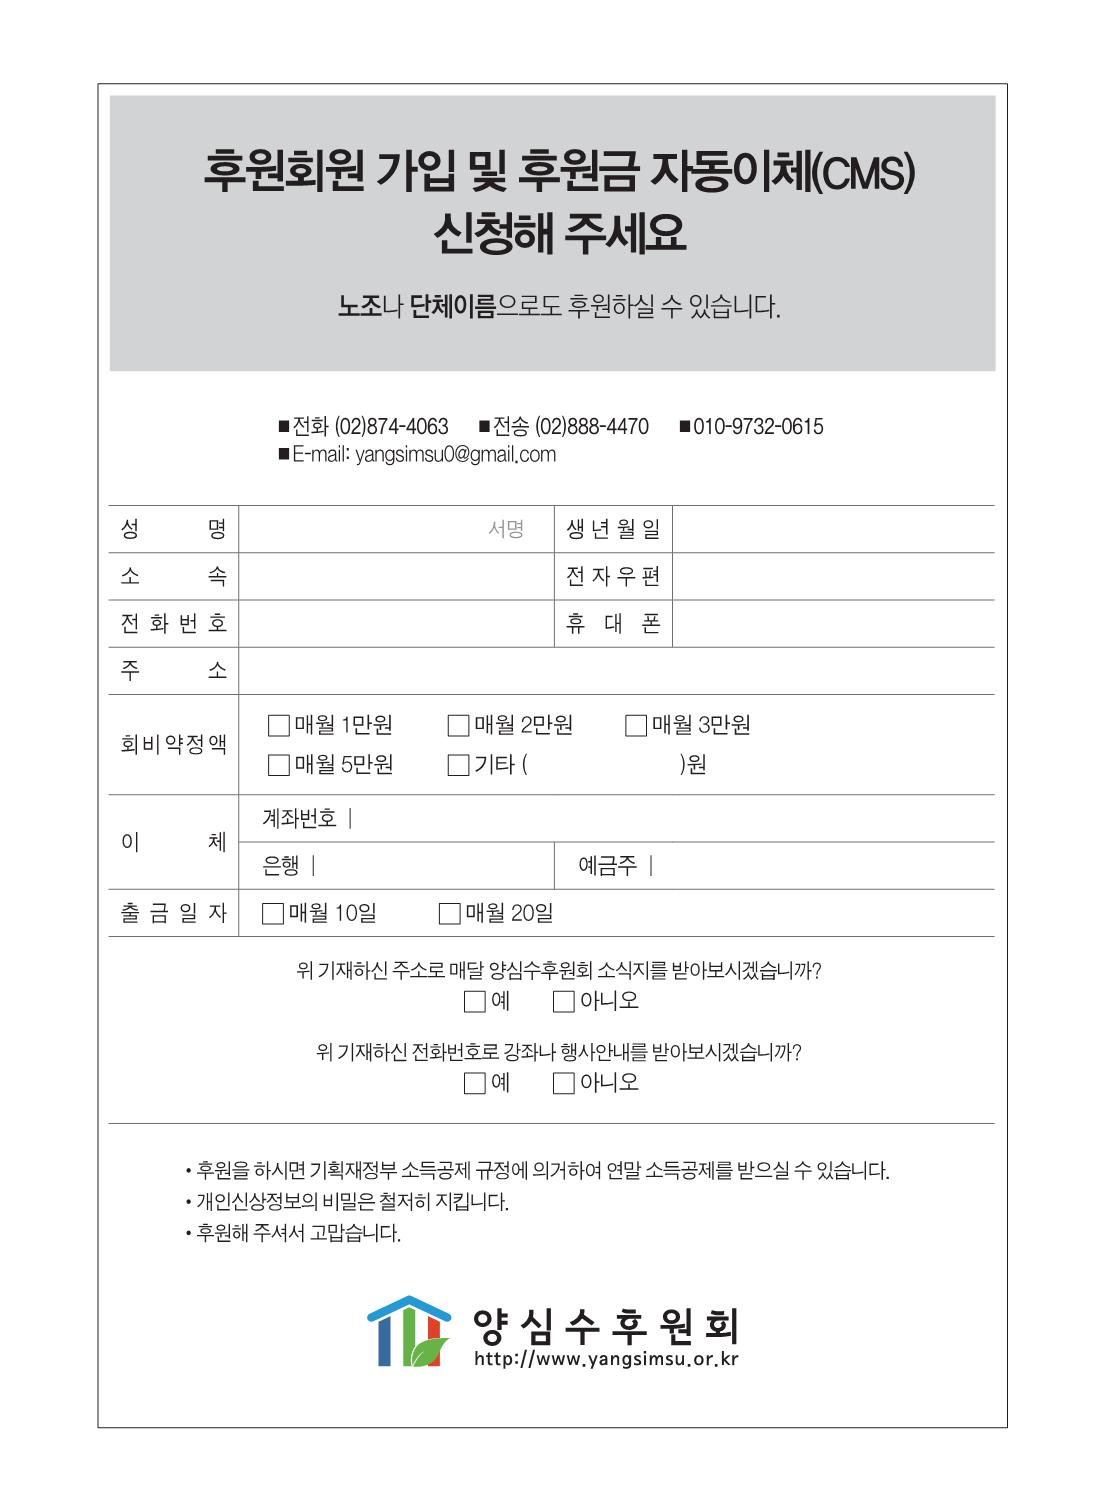 c3a550e7-2d95-46c0-bdec-64c56104ebf4.pdf-0069.png